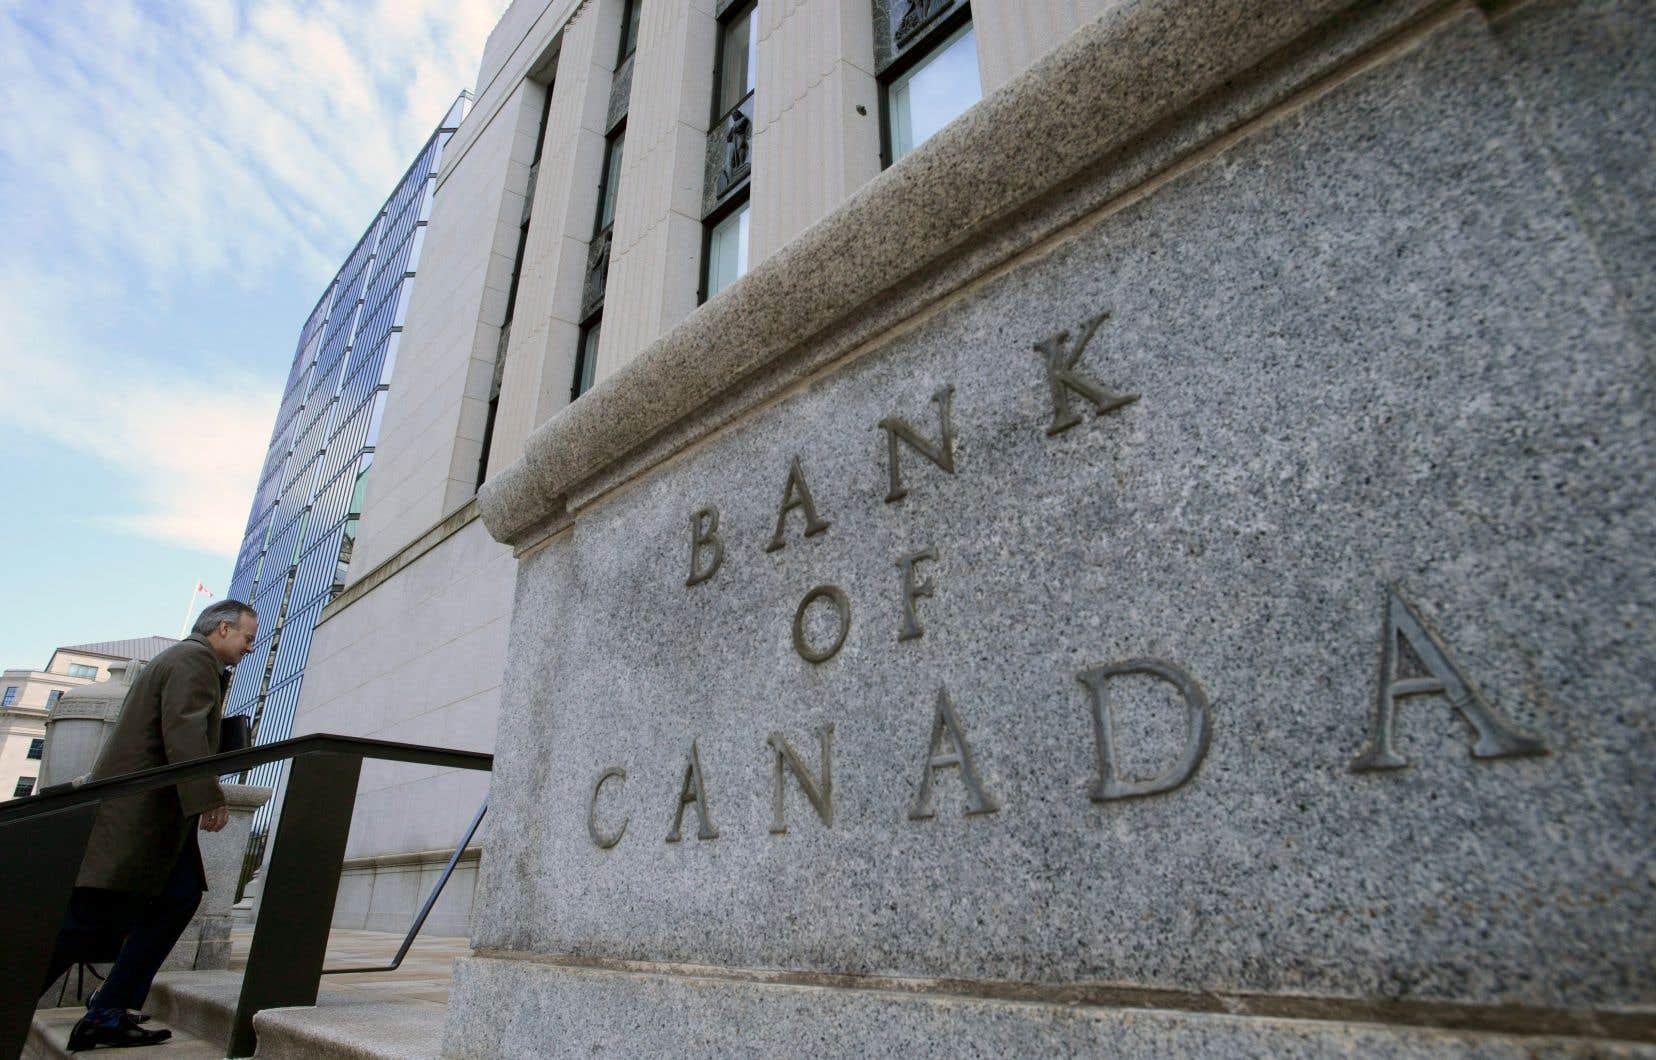 La banque centrale canadienne n'a surpris personne dans les marchés en laissant son taux directeur inchangé à 1,75%.